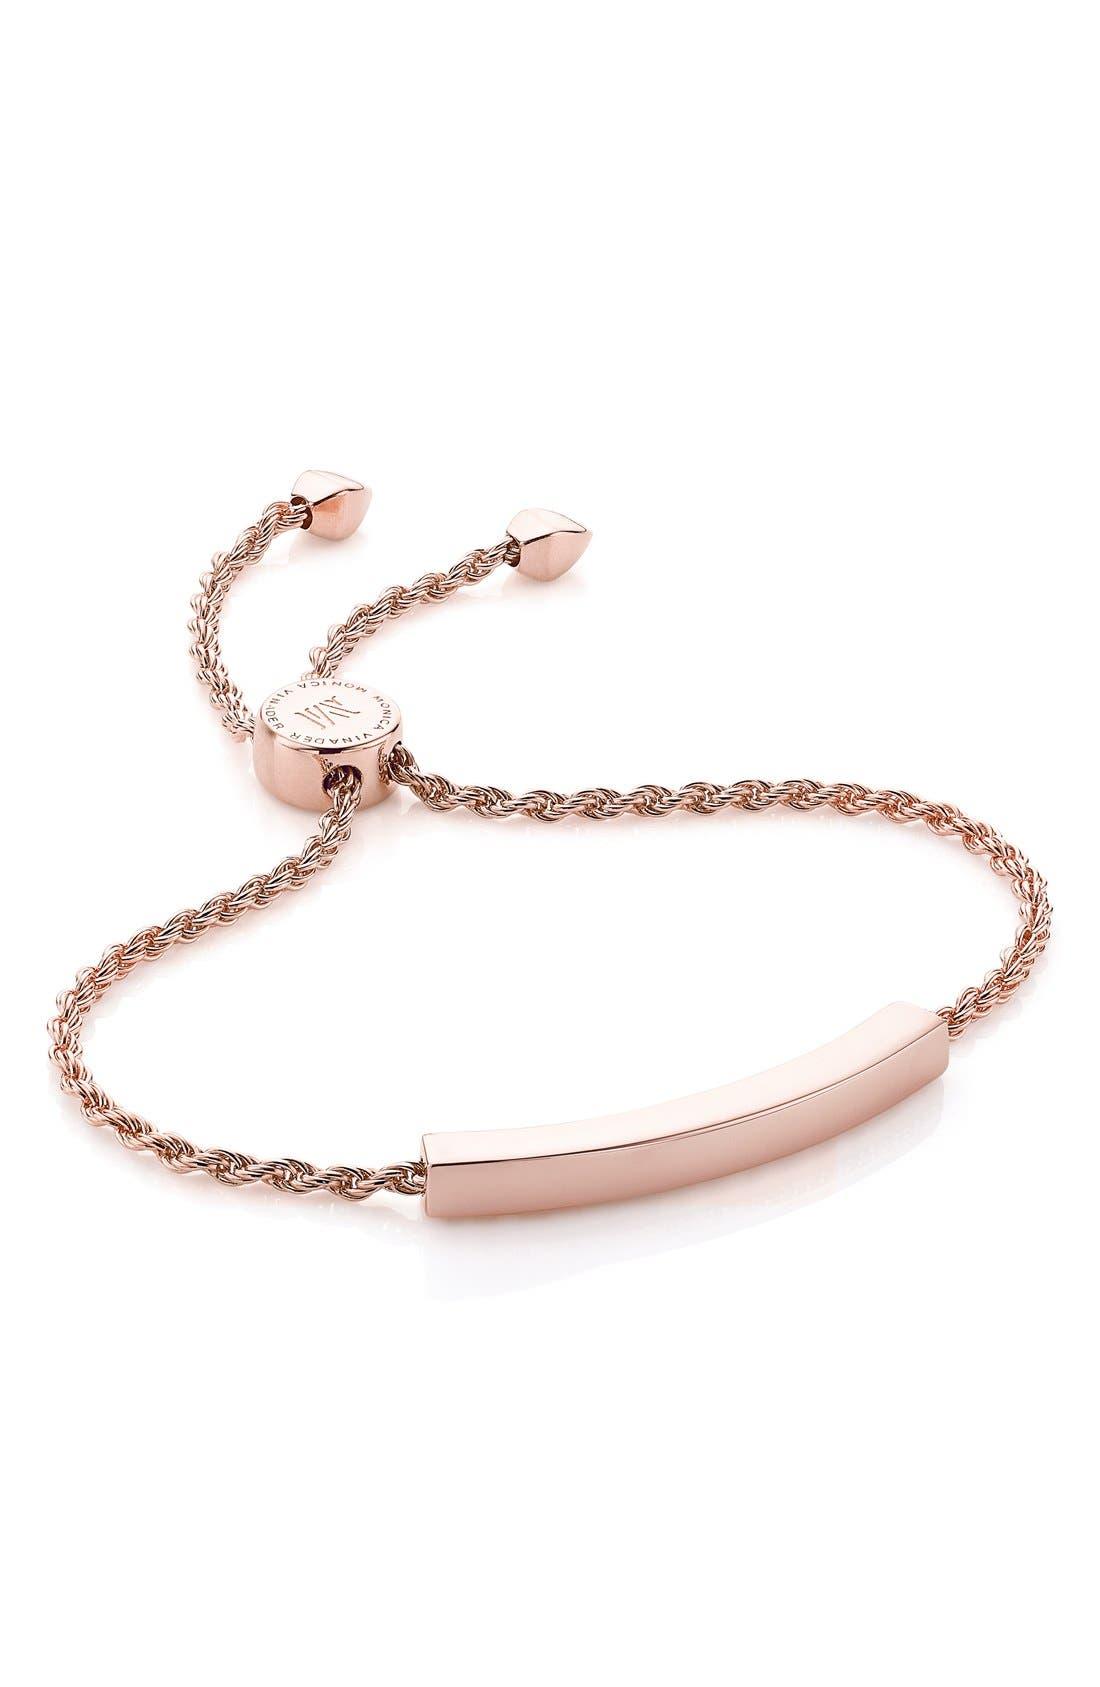 Alternate Image 1 Selected - Monica Vinader 'Linear' Friendship Chain Bracelet